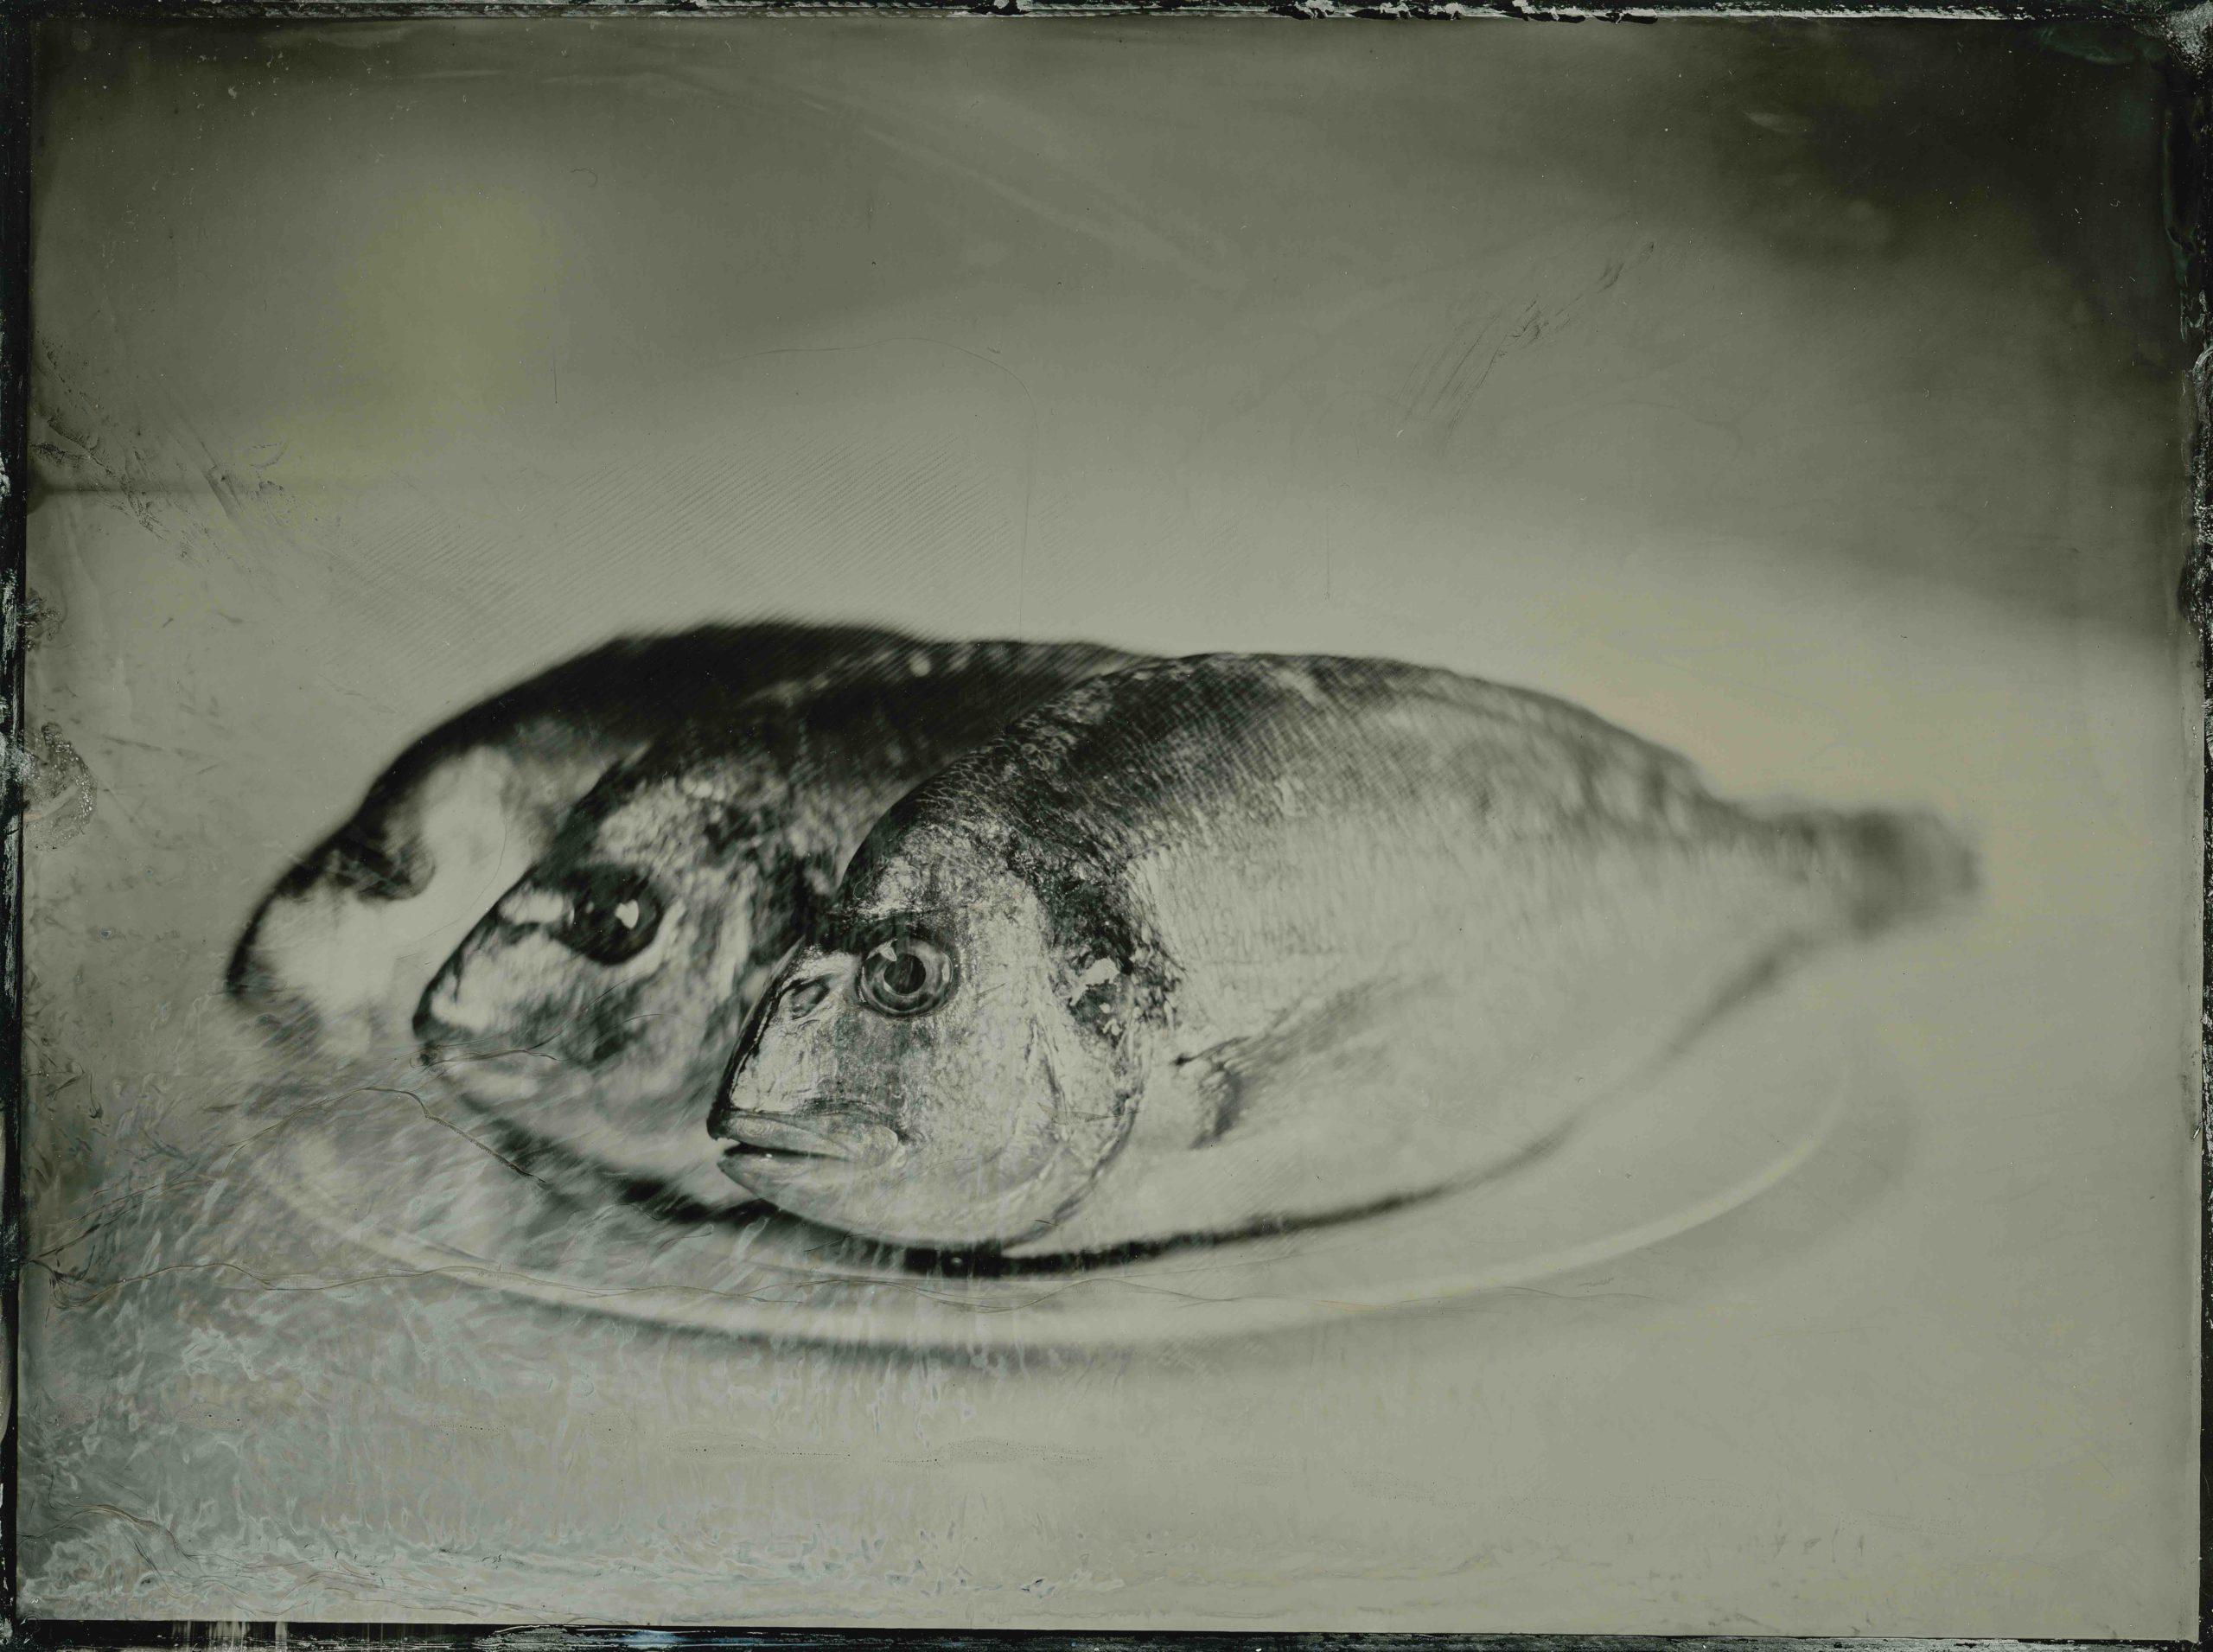 fishonaplate